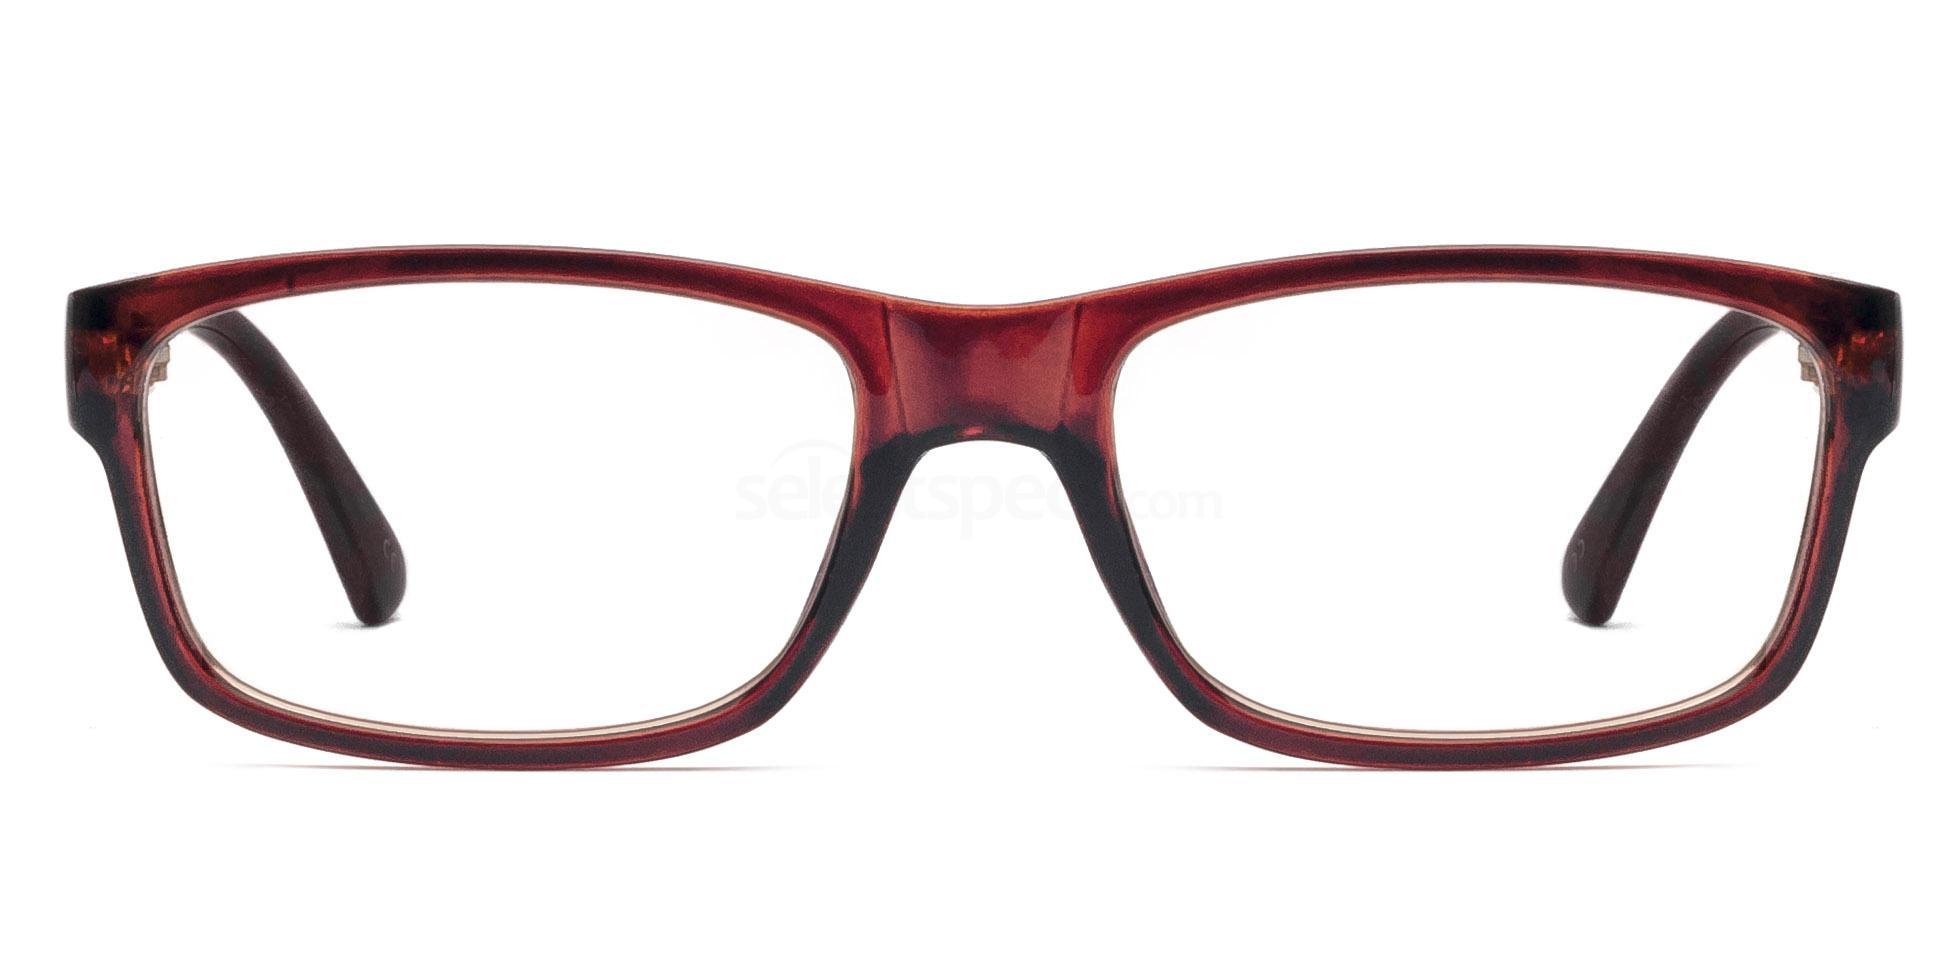 C006 5580 - Brown Glasses, Savannah